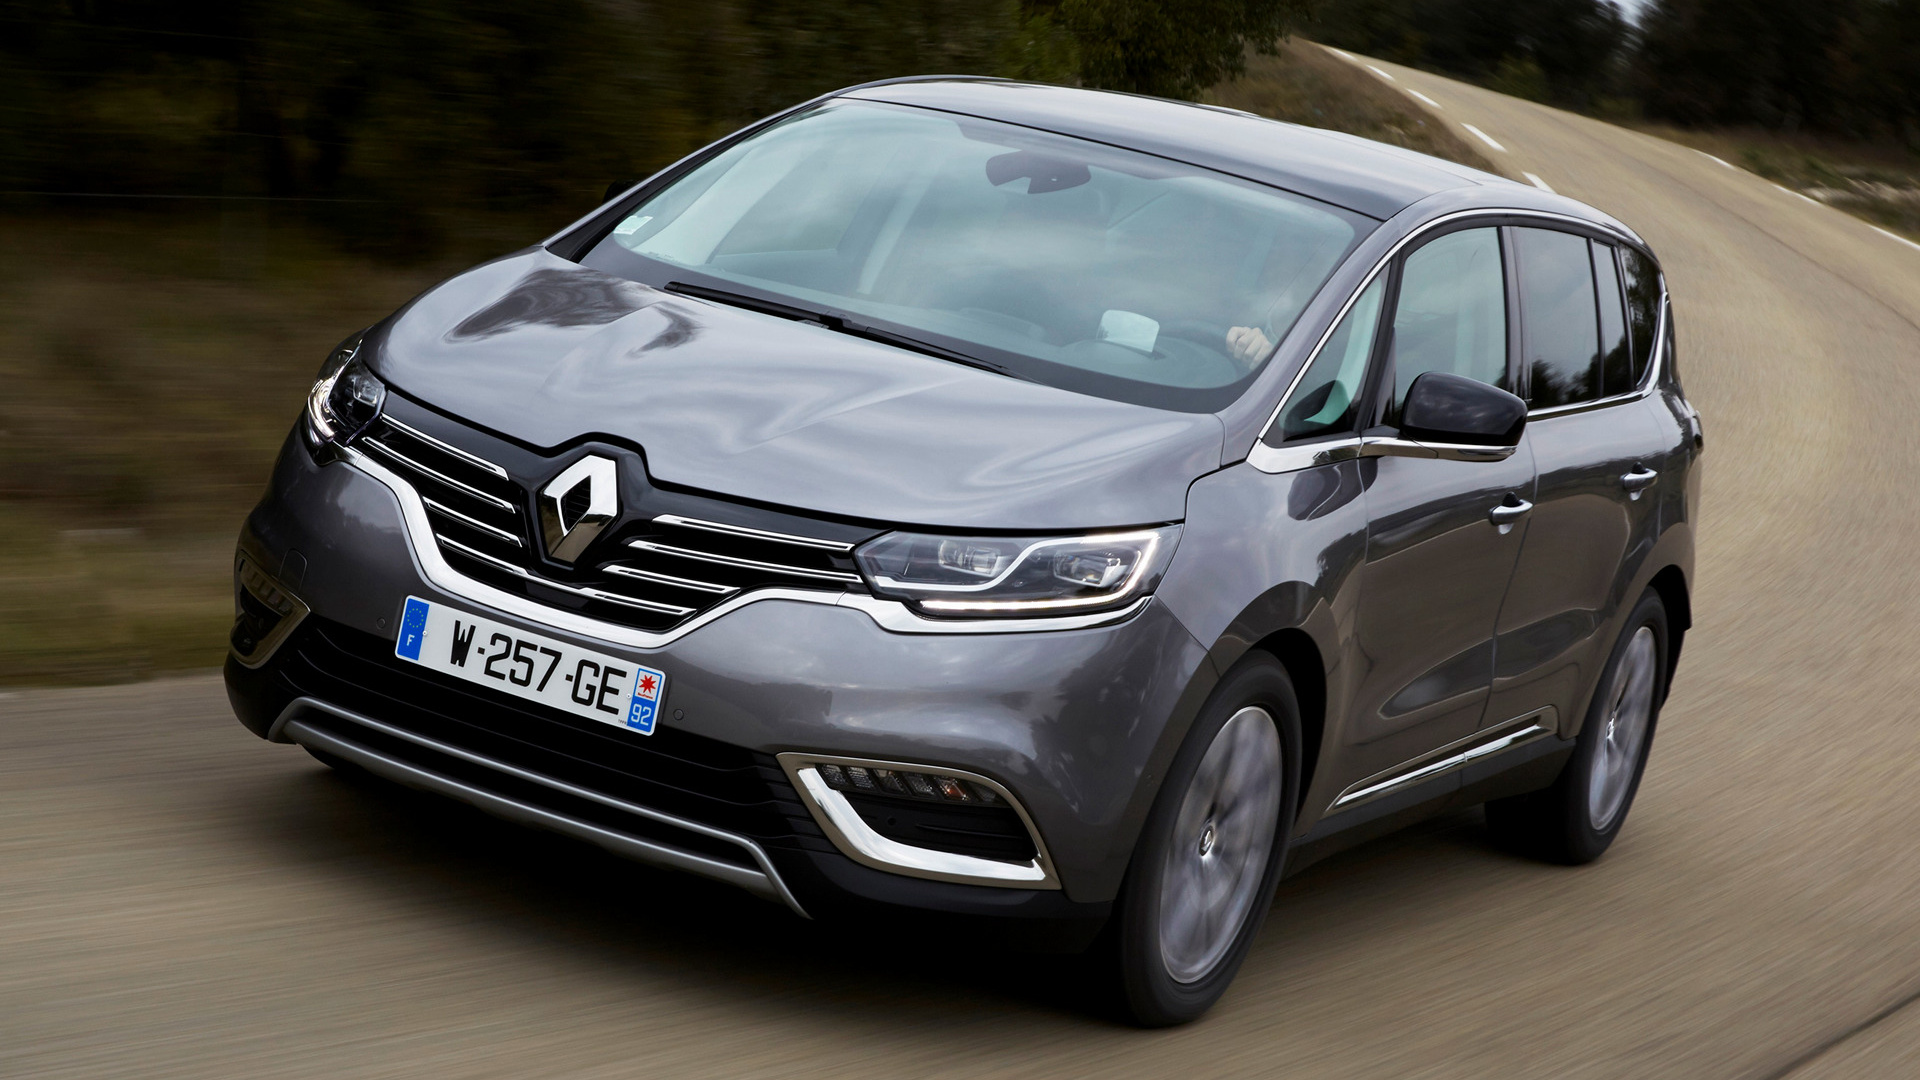 2015 Renault Espace Fondos De Pantalla E Imágenes En Hd